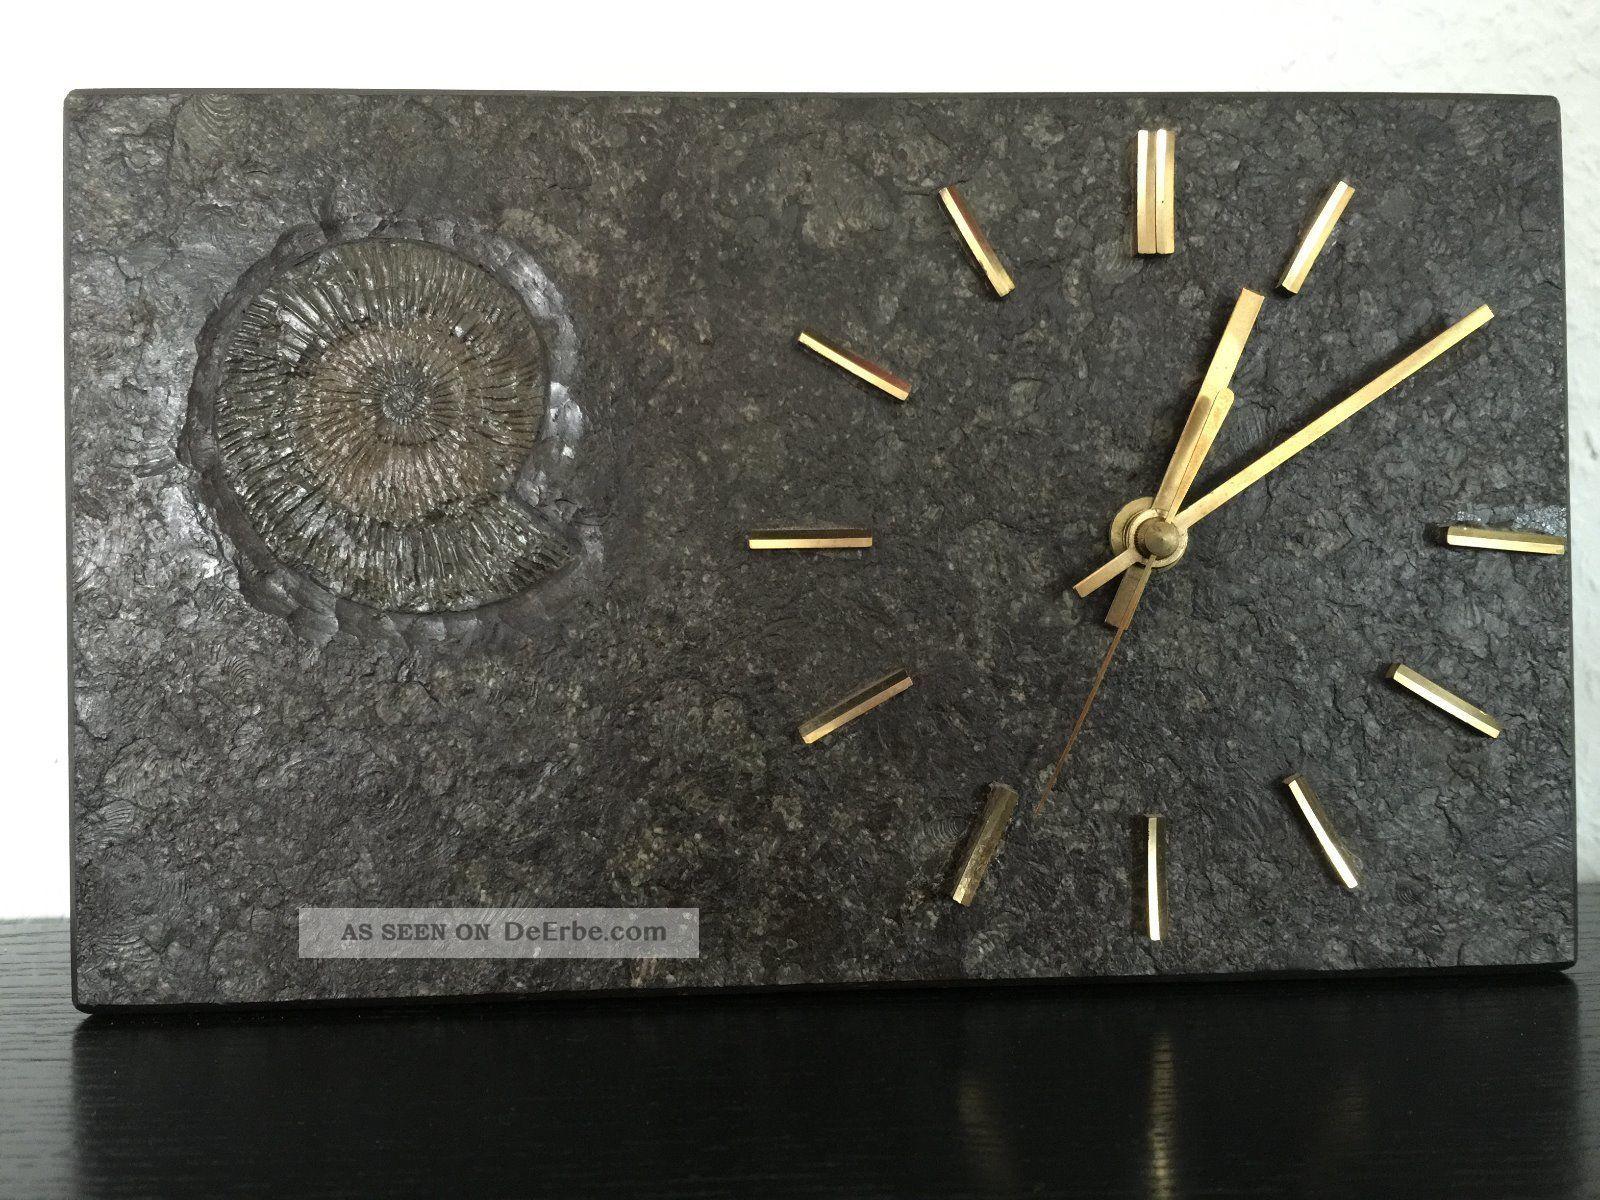 Unikat Schiefer Uhr Holzmaden Baden - Württemberg 25x15cm Zum Aufstellen 1970-1979 Bild